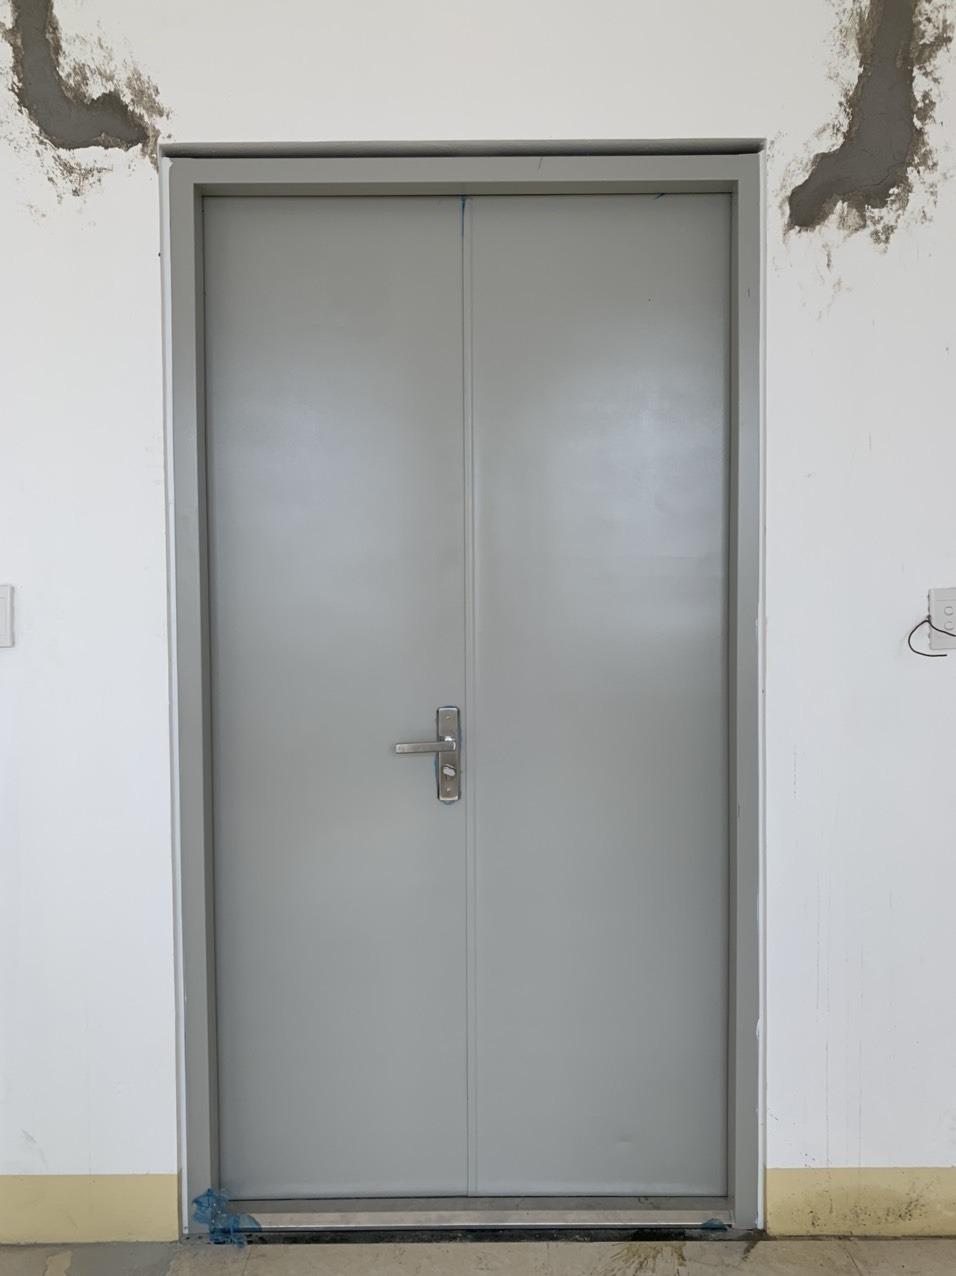 Lắp đặt trọn bộ cửa sắt chống cháy giá bao nhiêu?